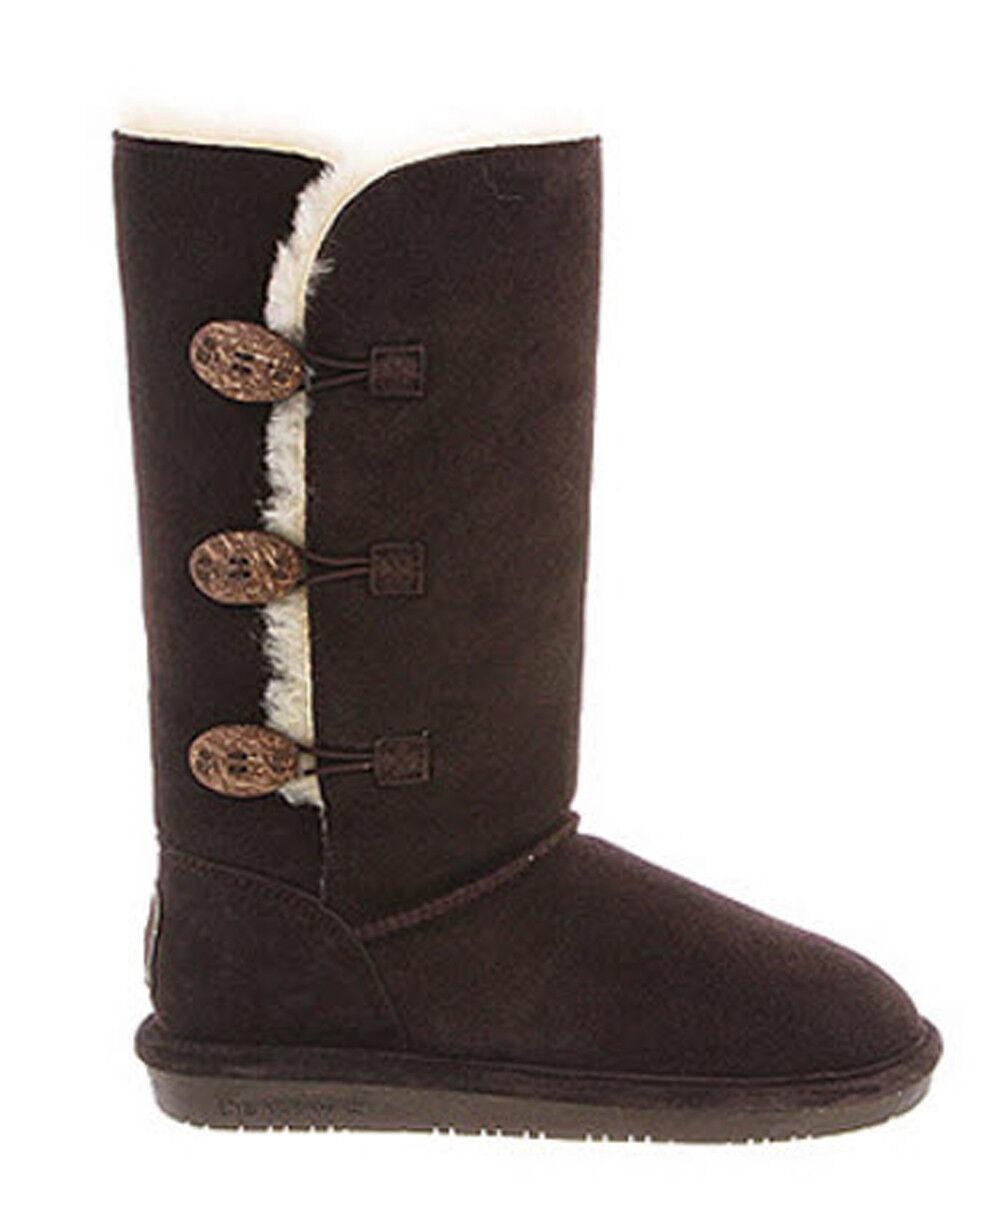 Bearpaw Lauren Piel de Oveja Piel vaca botas botas botas De Gamuza clima frío, tamaño 5M, Chocolate,  primera vez respuesta